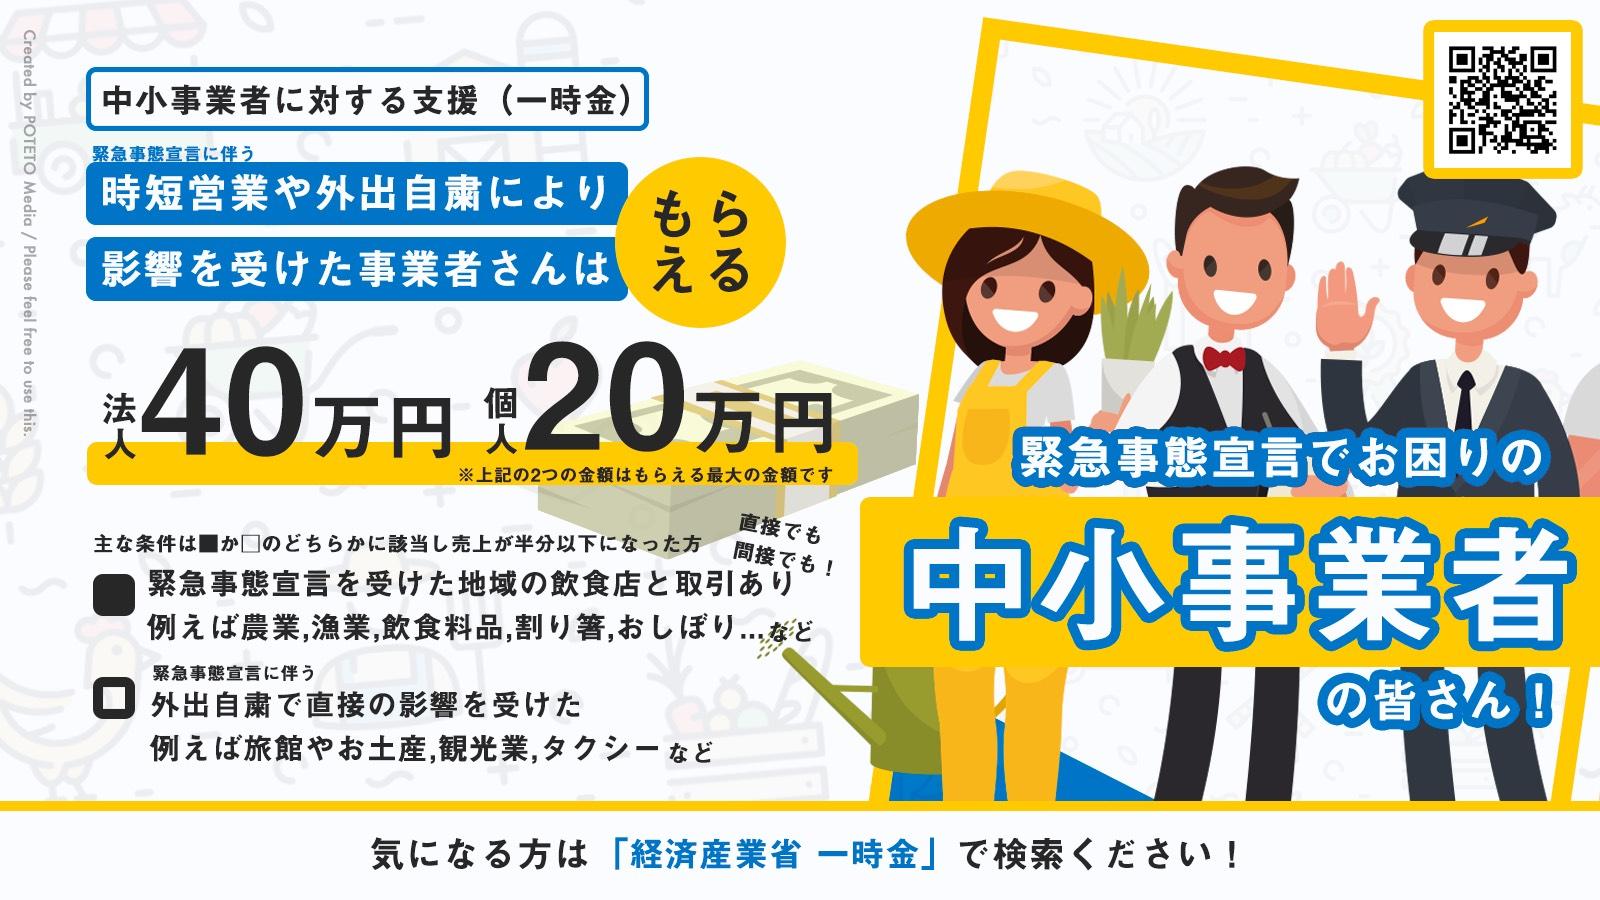 周辺業者さんに40万円.jpg